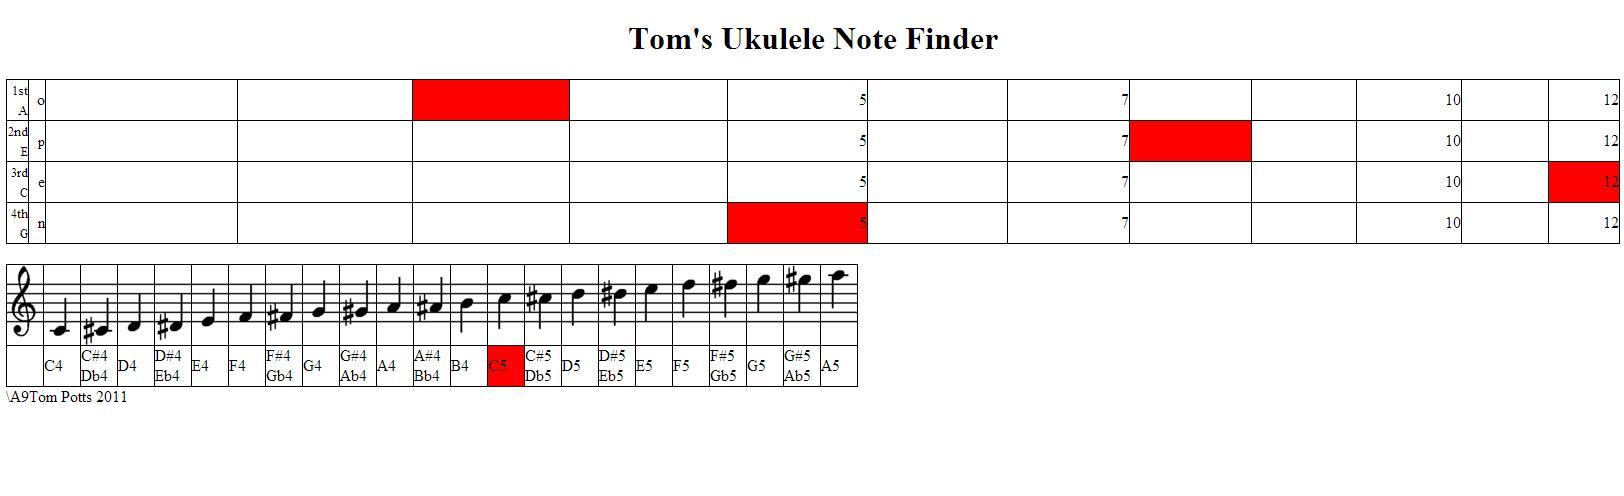 Tom's Ukulele Note Finder - http://www.permanentleisureltd.co.uk/music/Ukulele.html